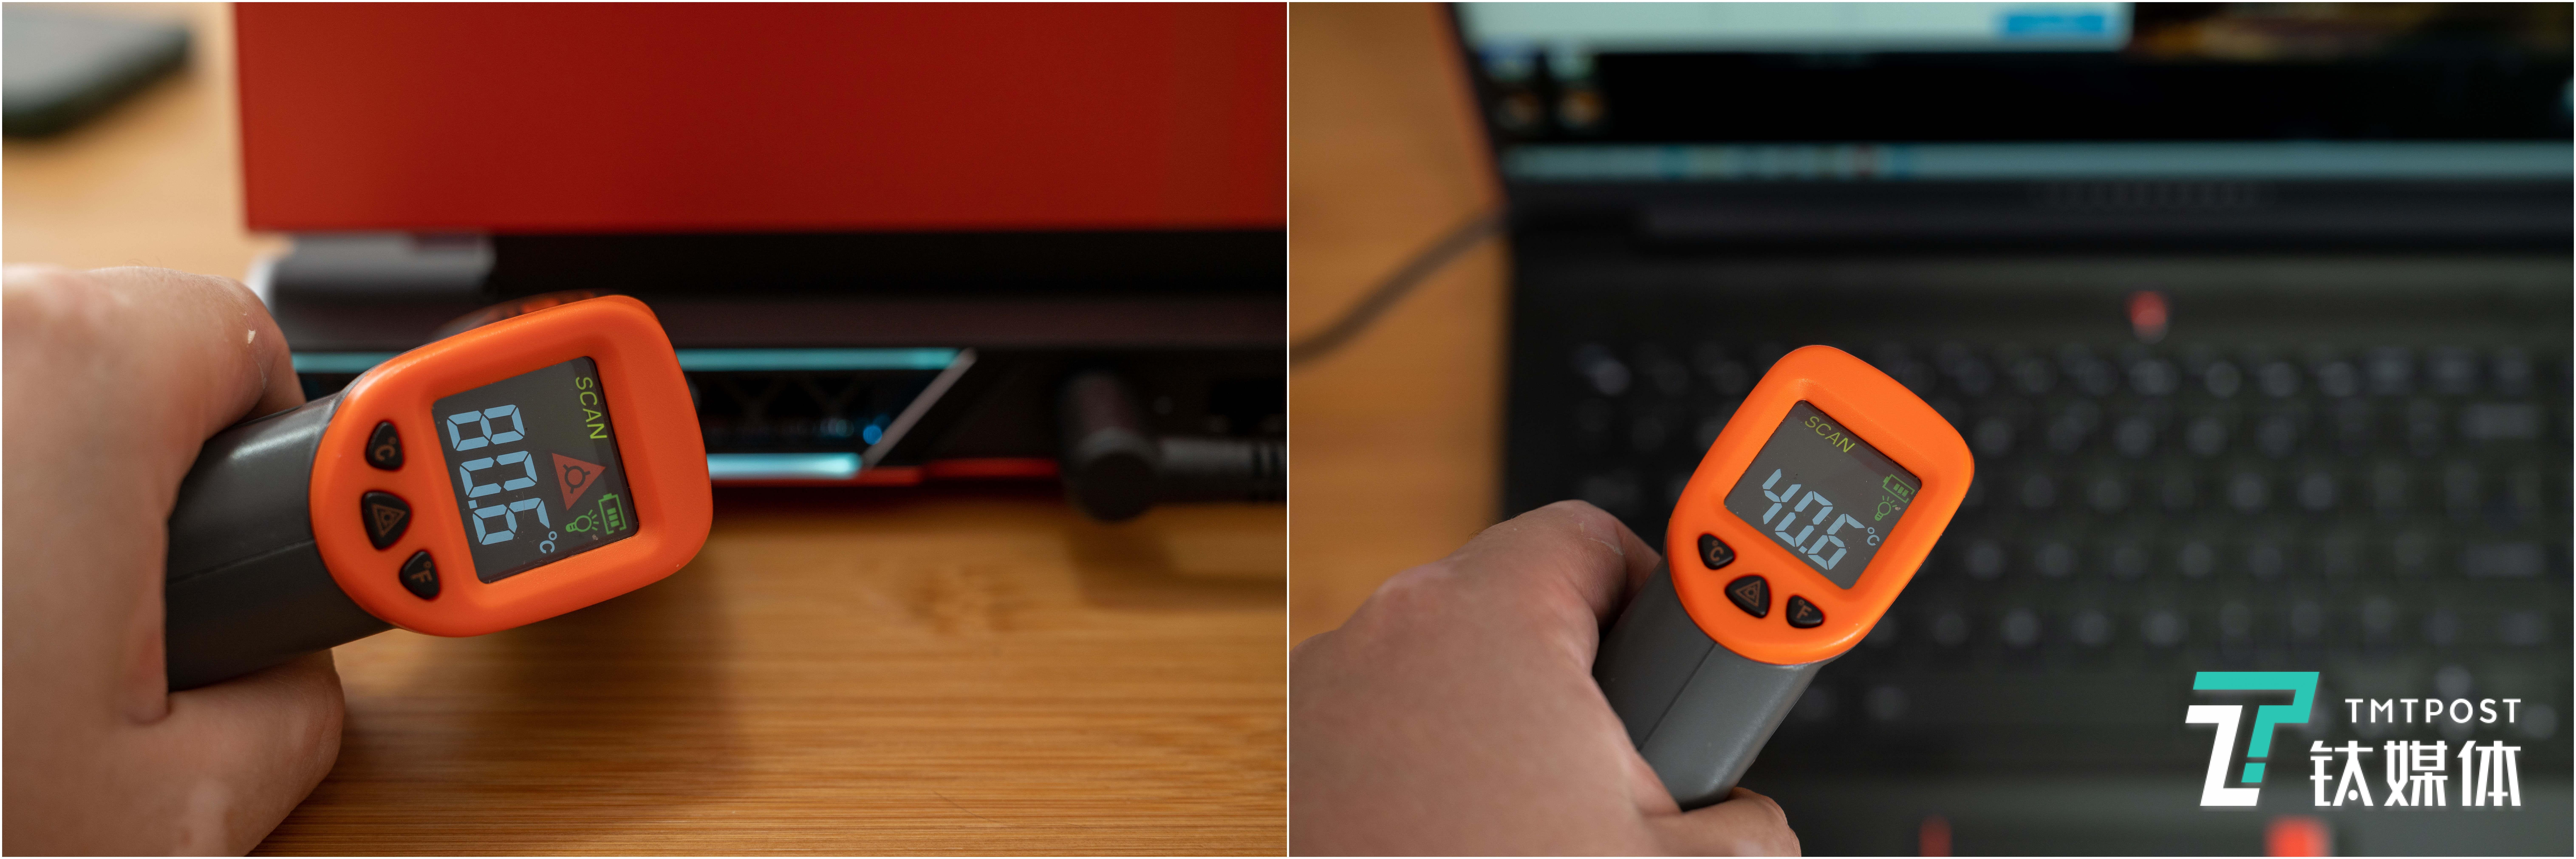 雷神ZERO游戏本评测:随时随地享受电竞级高刷体验   钛极客